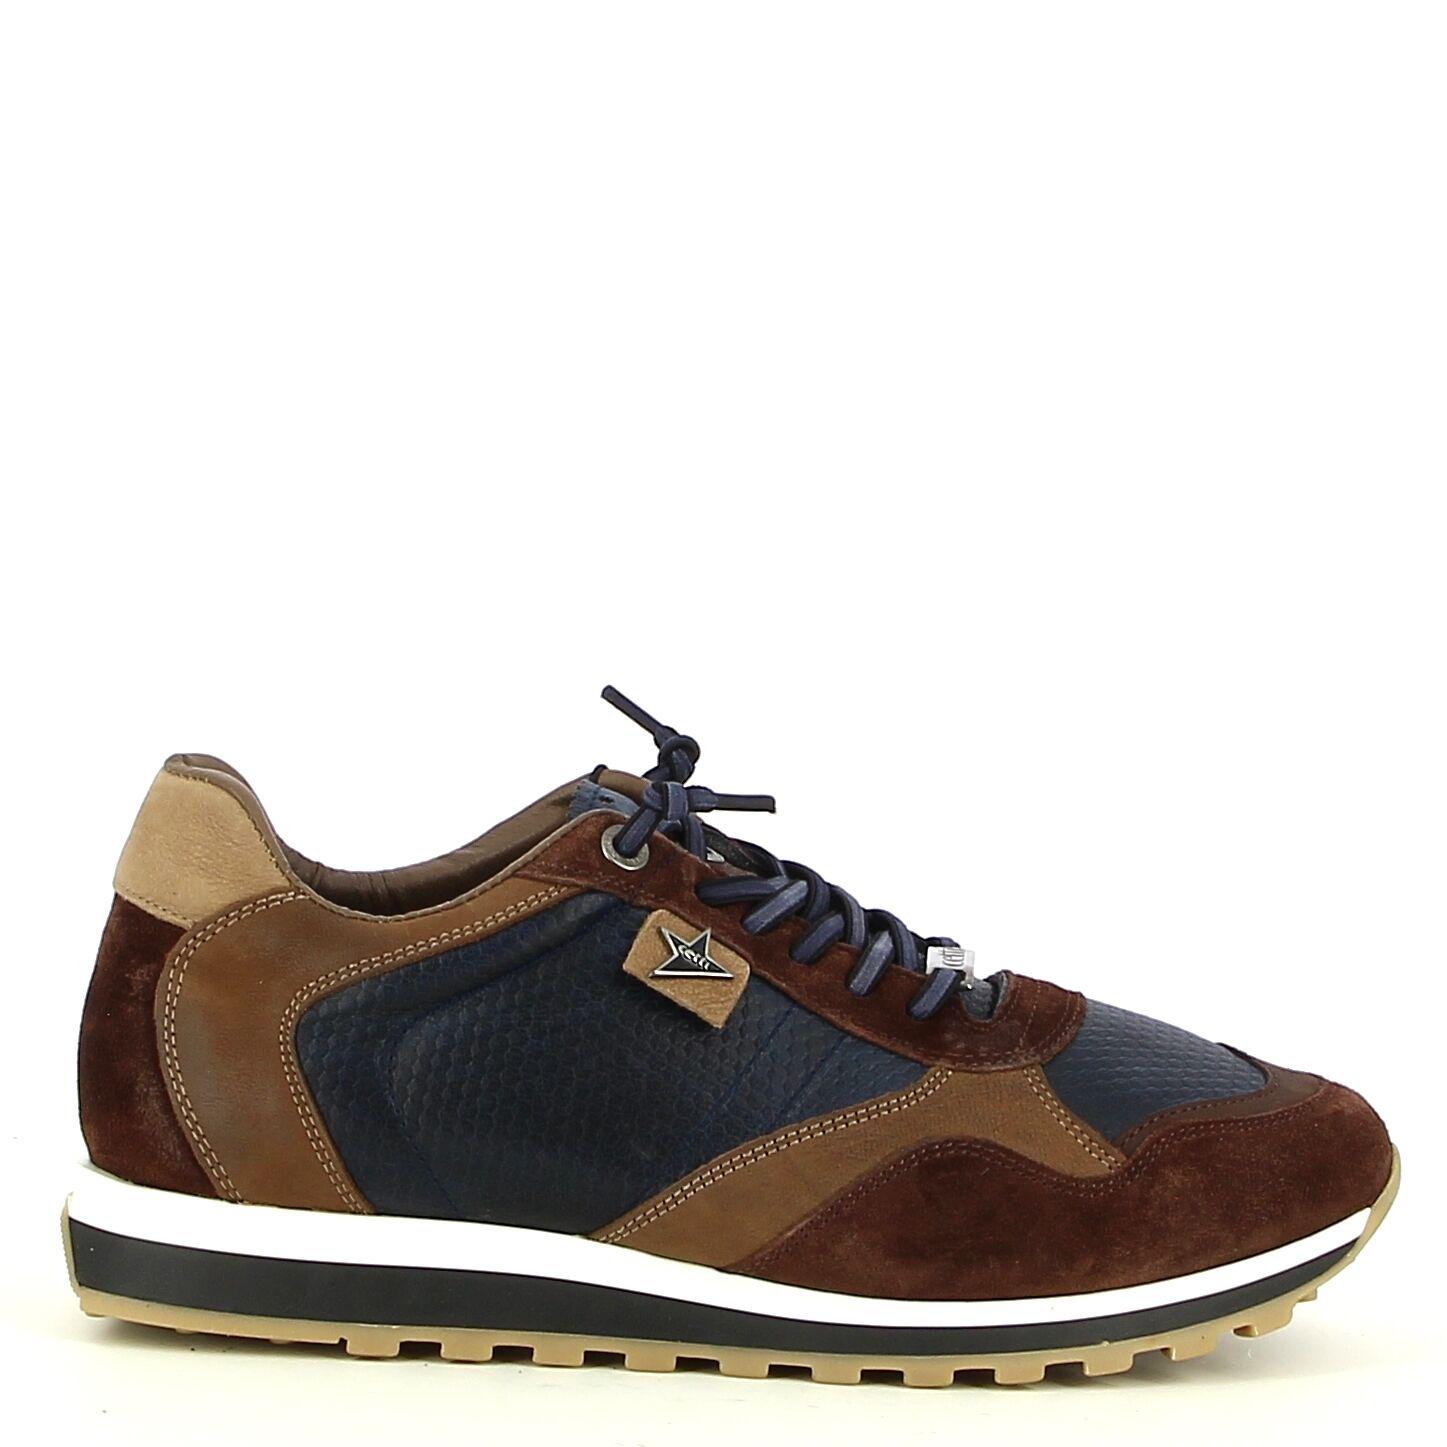 Cetti - Camel sneaker